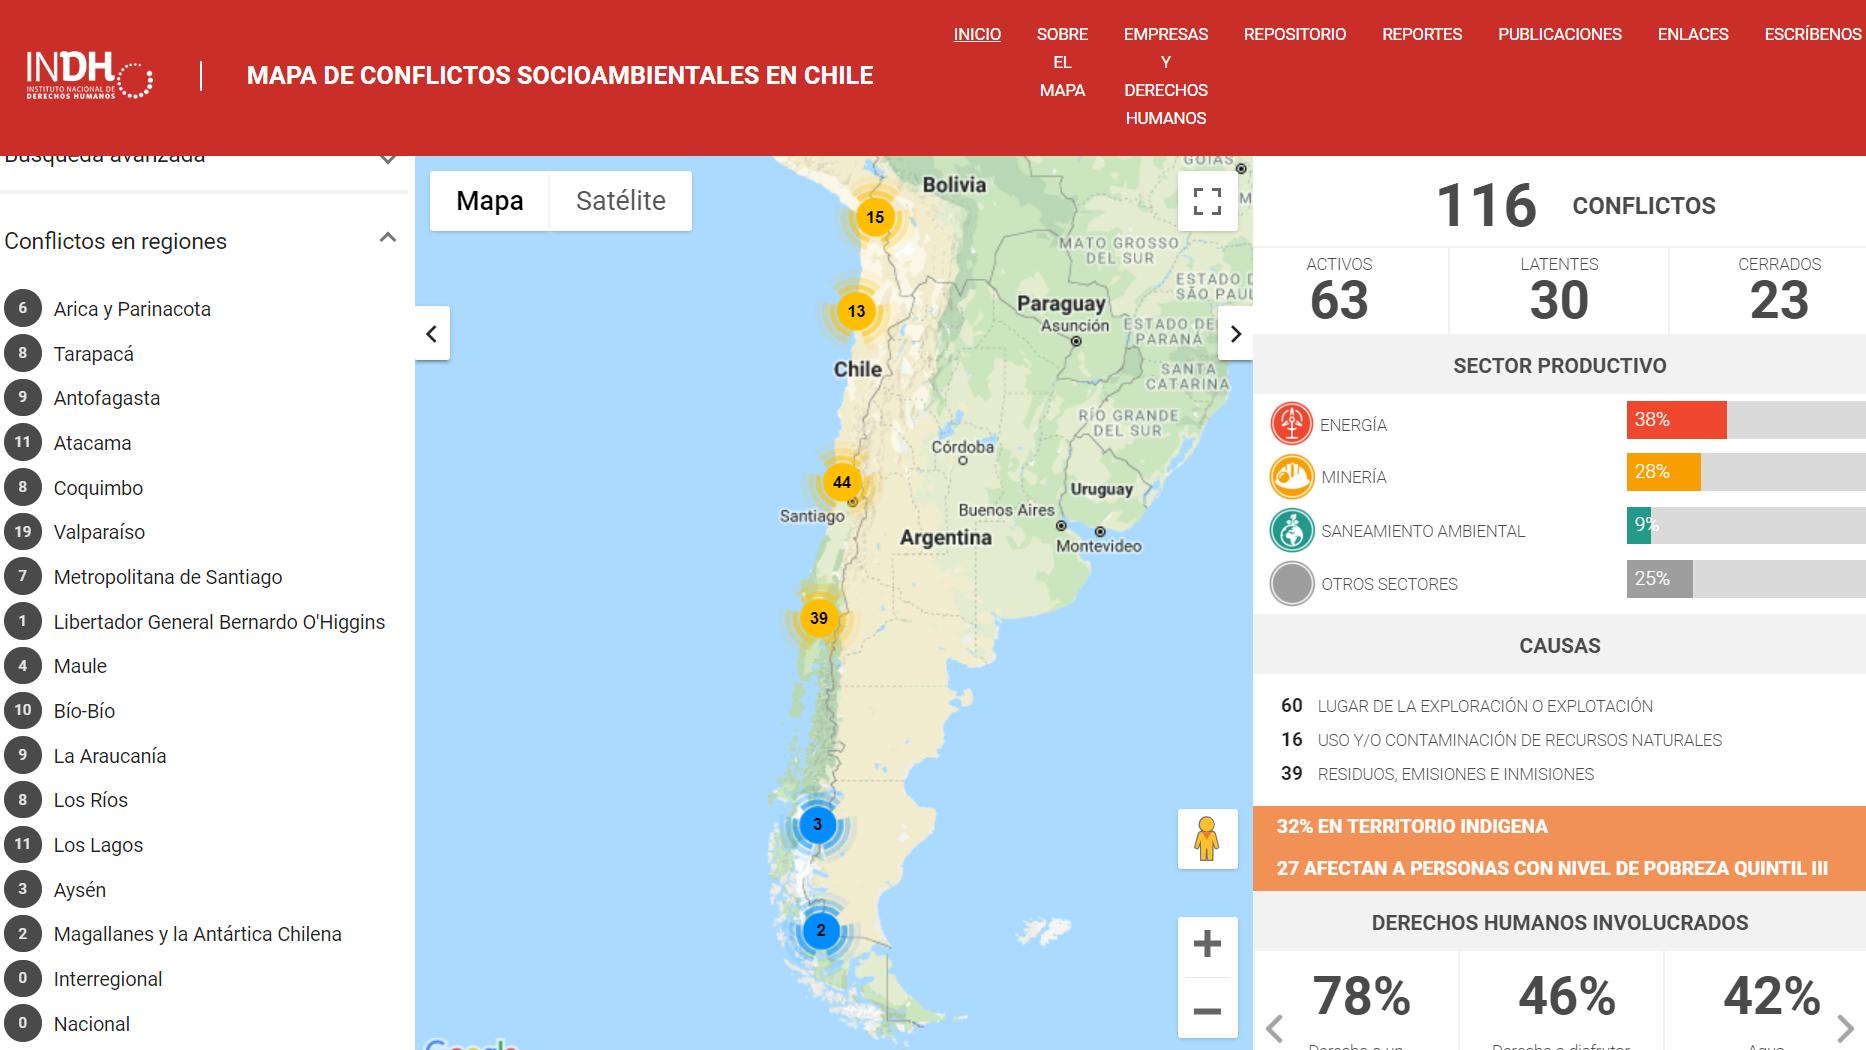 INDH presenta Mapa de conflictos socio-ambientales